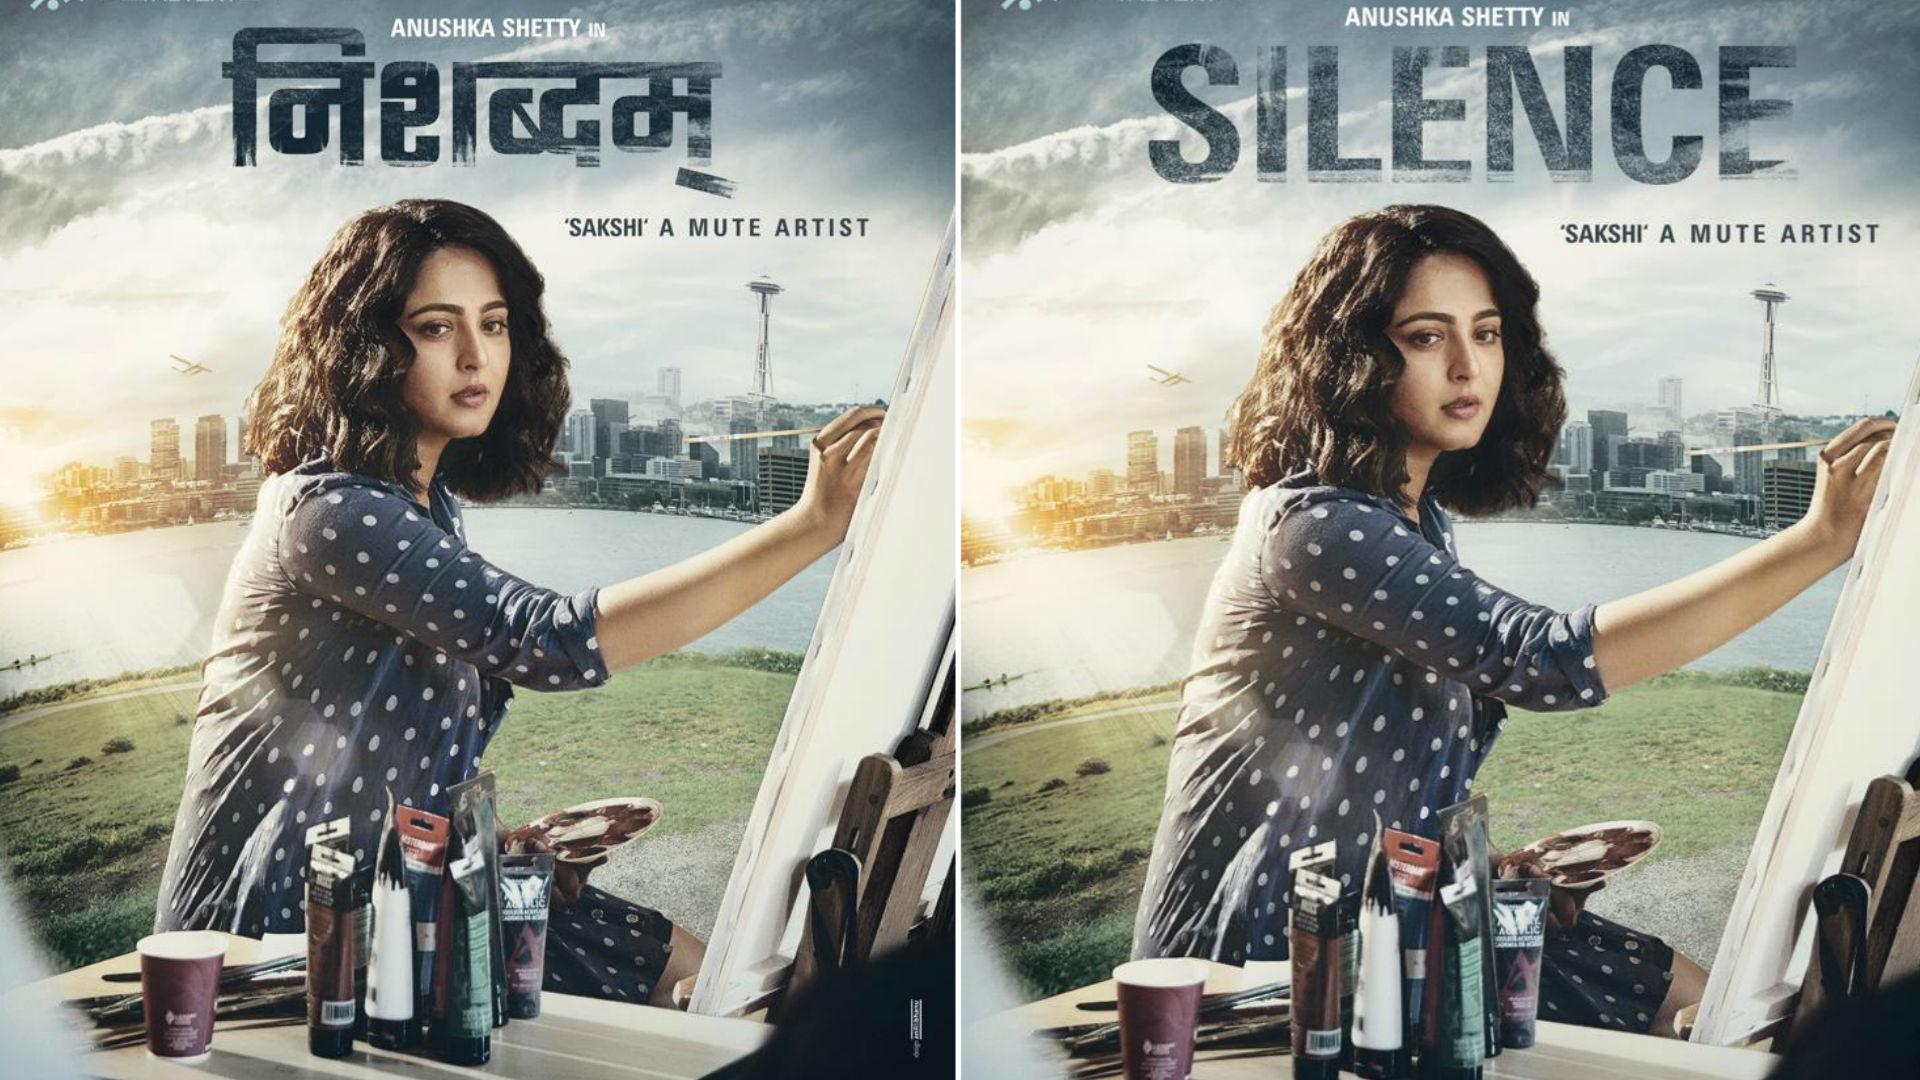 Nishabdham Movie: अनुष्का शेट्टी-आर माधवन की फिल्म निशब्दम का पोस्टर रिलीज, 'देवसेना' बनी हैं 'म्यूट आर्टिस्ट'